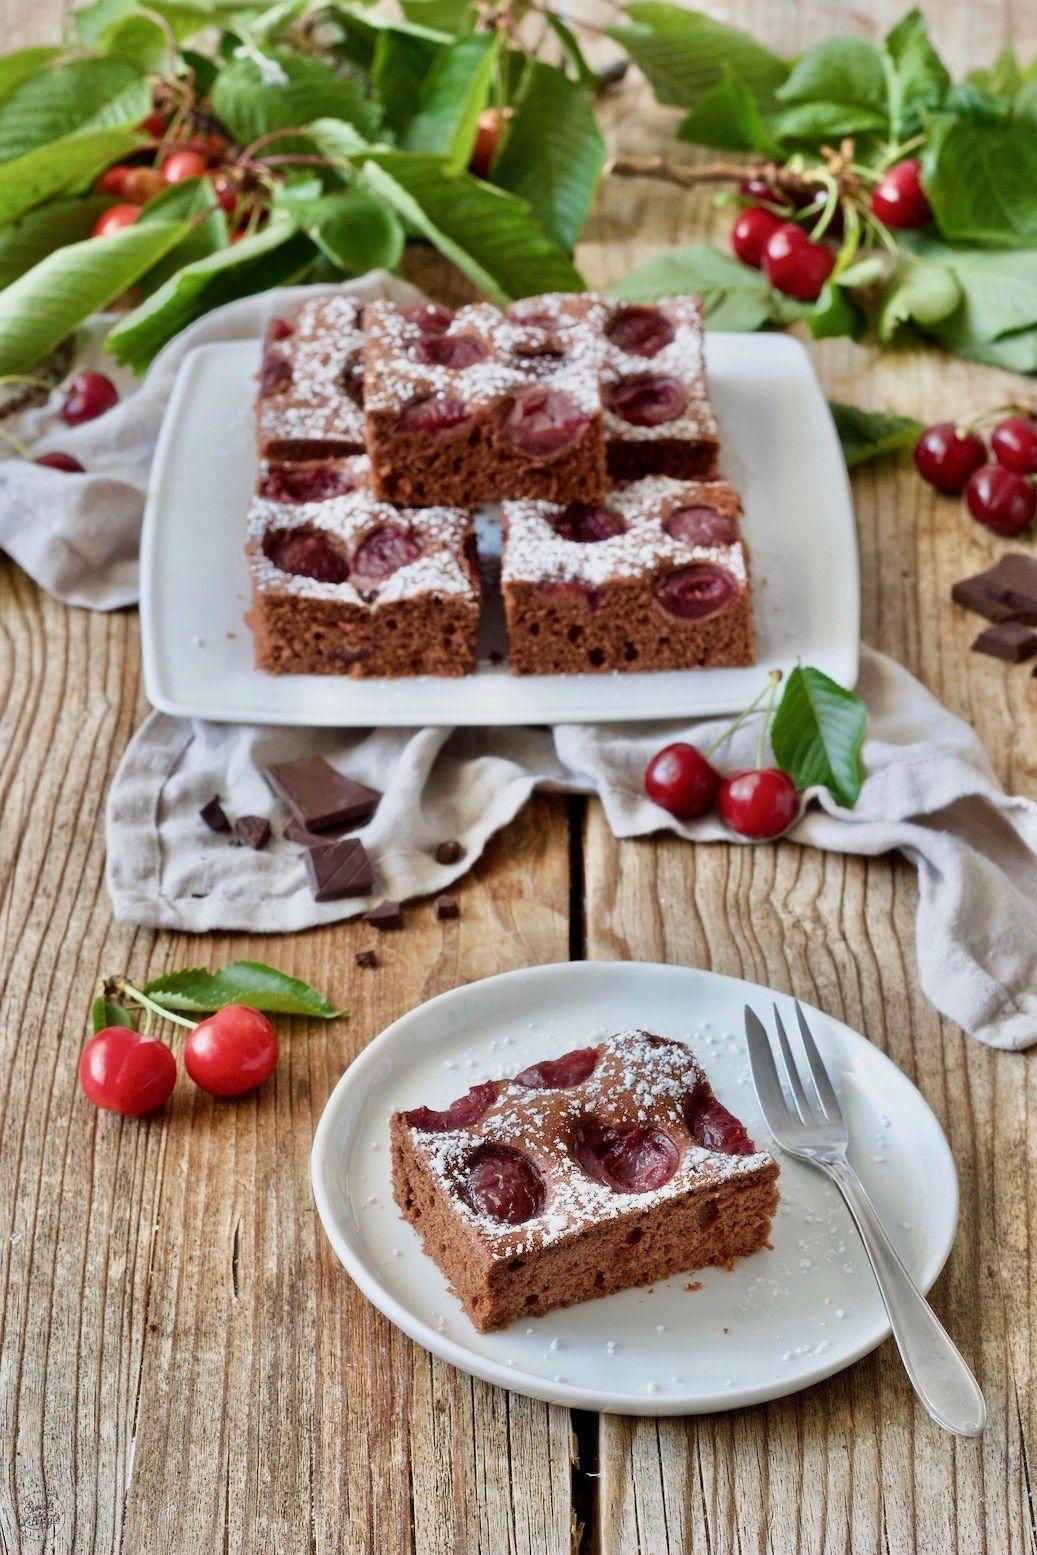 Schoko Kirsch Kuchen Rezept In 2020 Schoko Kirsch Kuchen Kuchen Rezepte Schokoladenblechkuchen